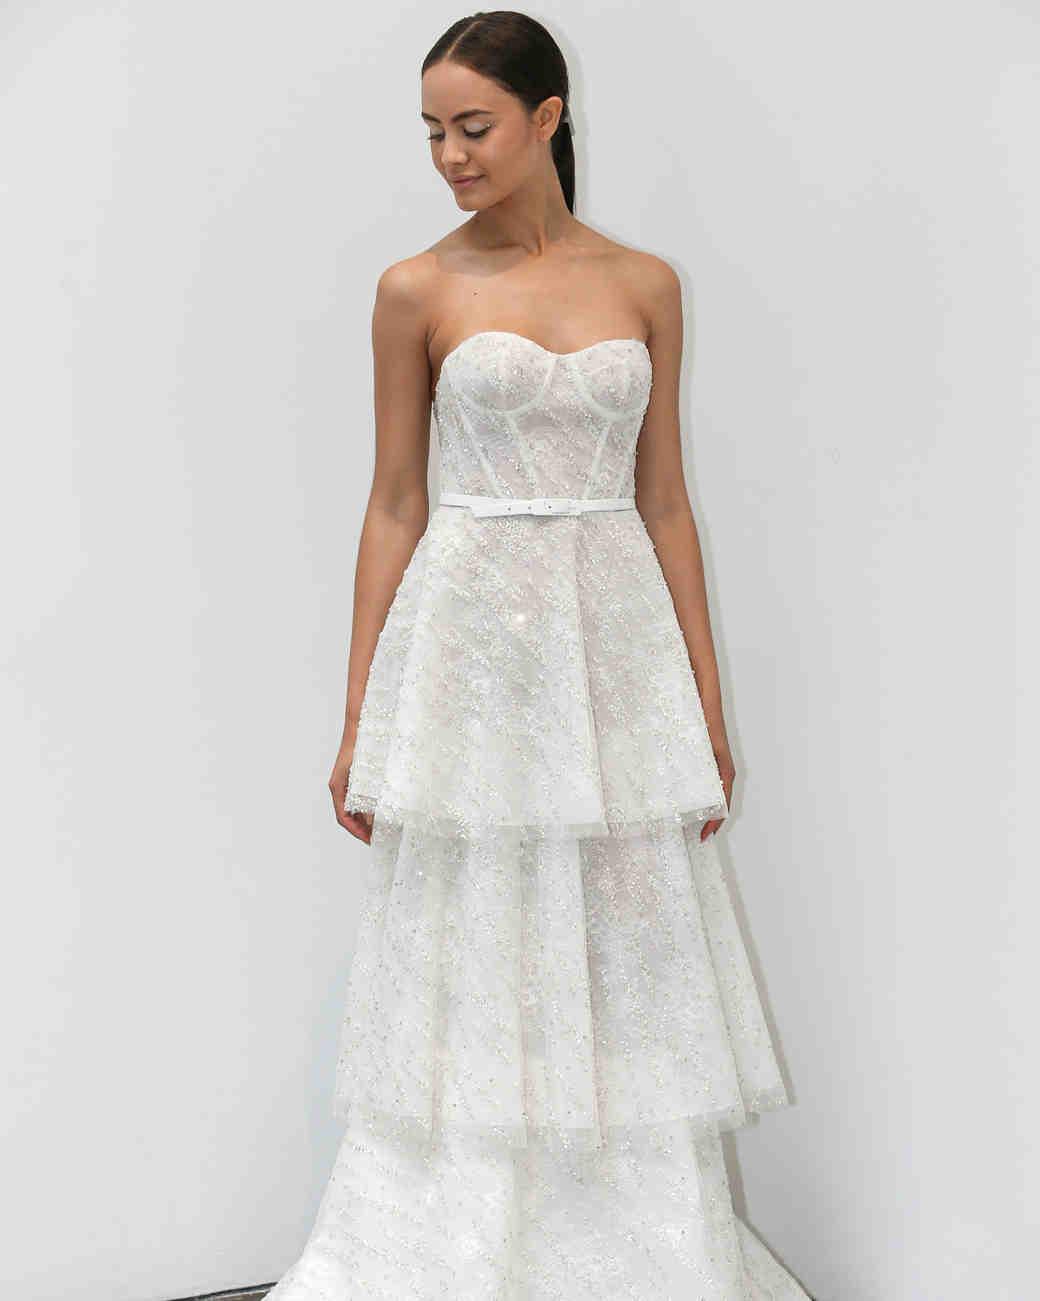 adbc210a0ece Lee Petra Grebenau Fall 2019 Wedding Dress Collection | Martha Stewart  Weddings